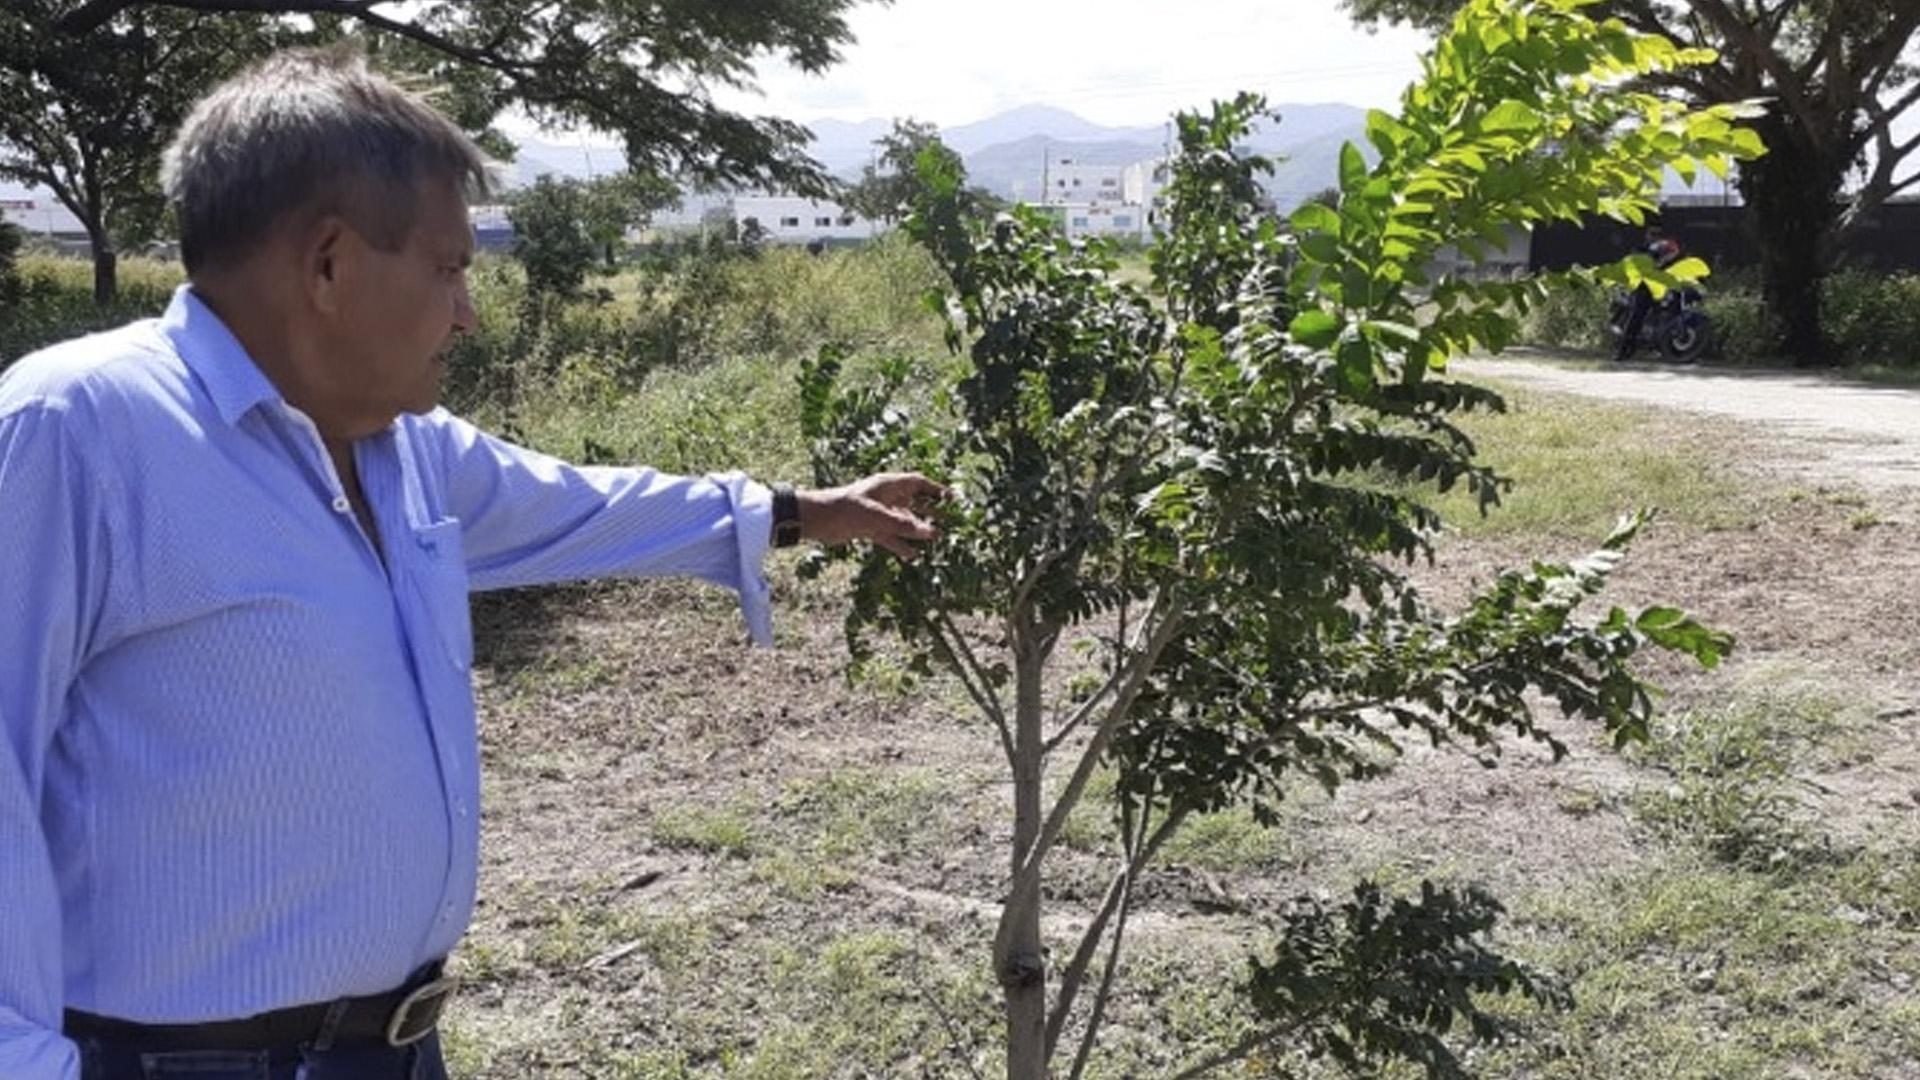 Alfonso Mendoza señala una árbol de grosella, en la granja de Unimag, una de las frutas en extinción.